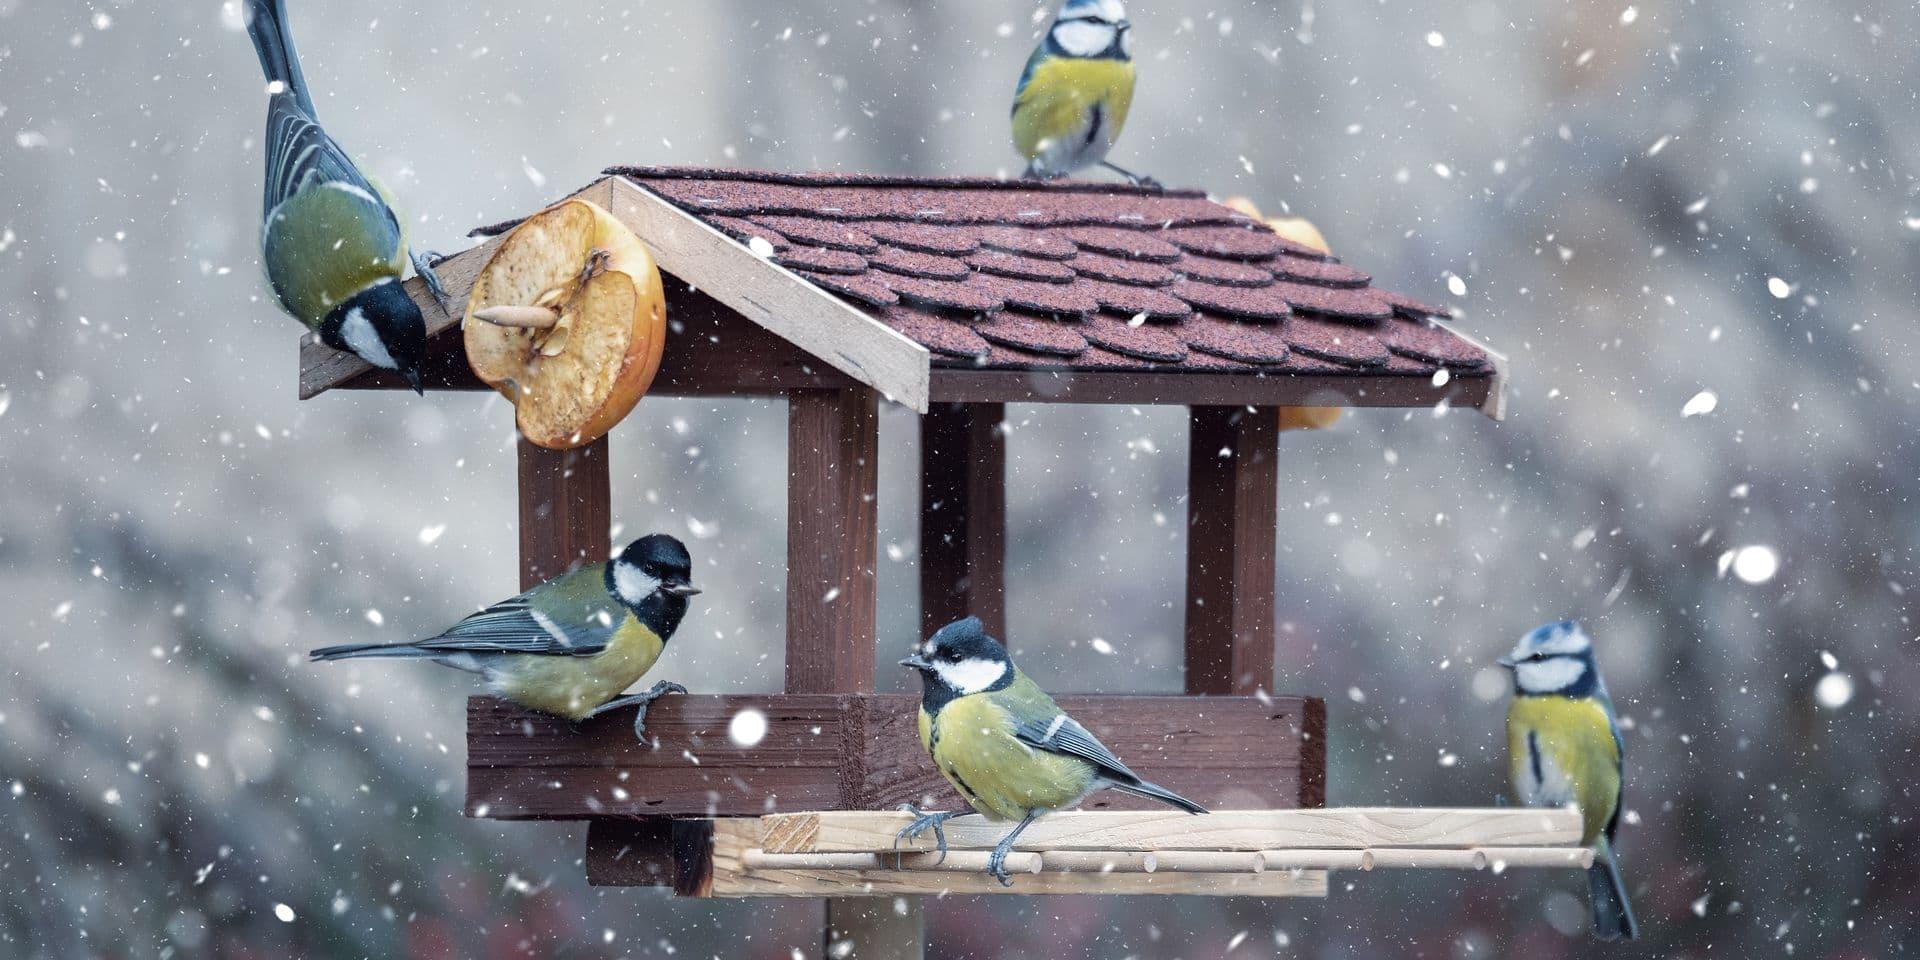 Boules De Graisse Soucoupe D Eau Graines Comment Bien Penser Aux Oiseaux De Nos Jardins Sans Que Cela Ne Leur Soit Nocif Dh Les Sports